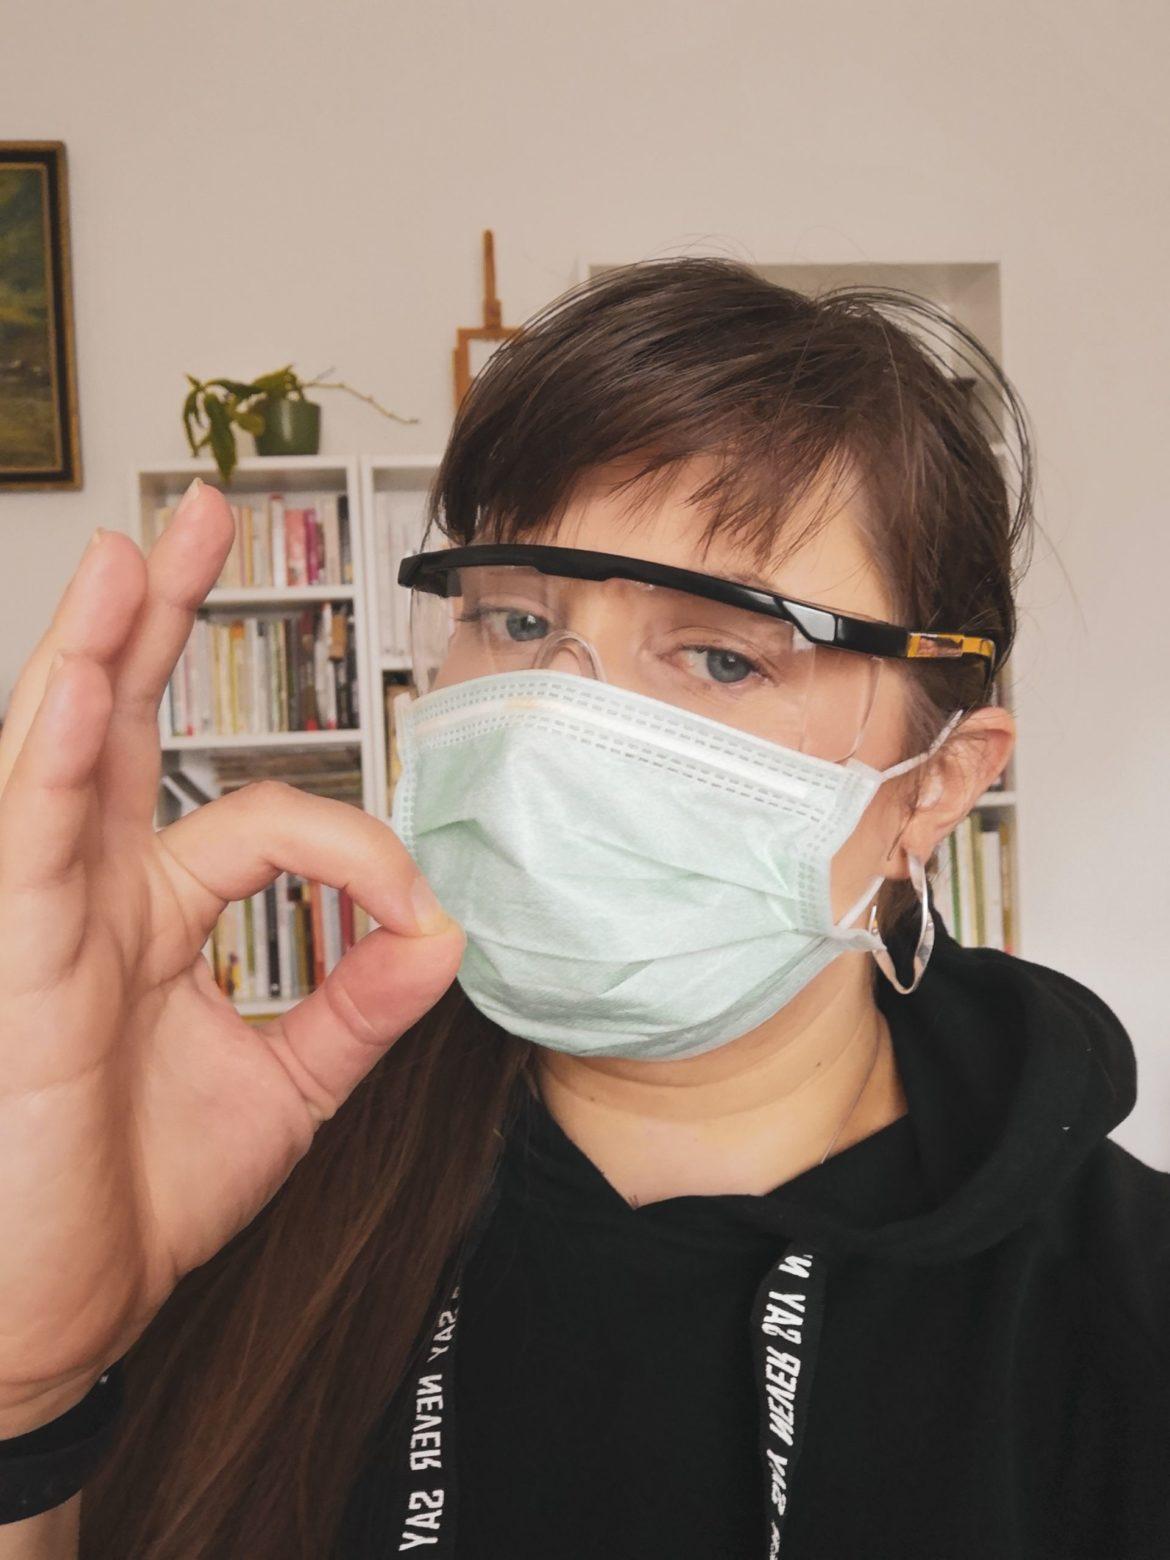 Rouška není hamba! Jsem tým #rouškyvšem!